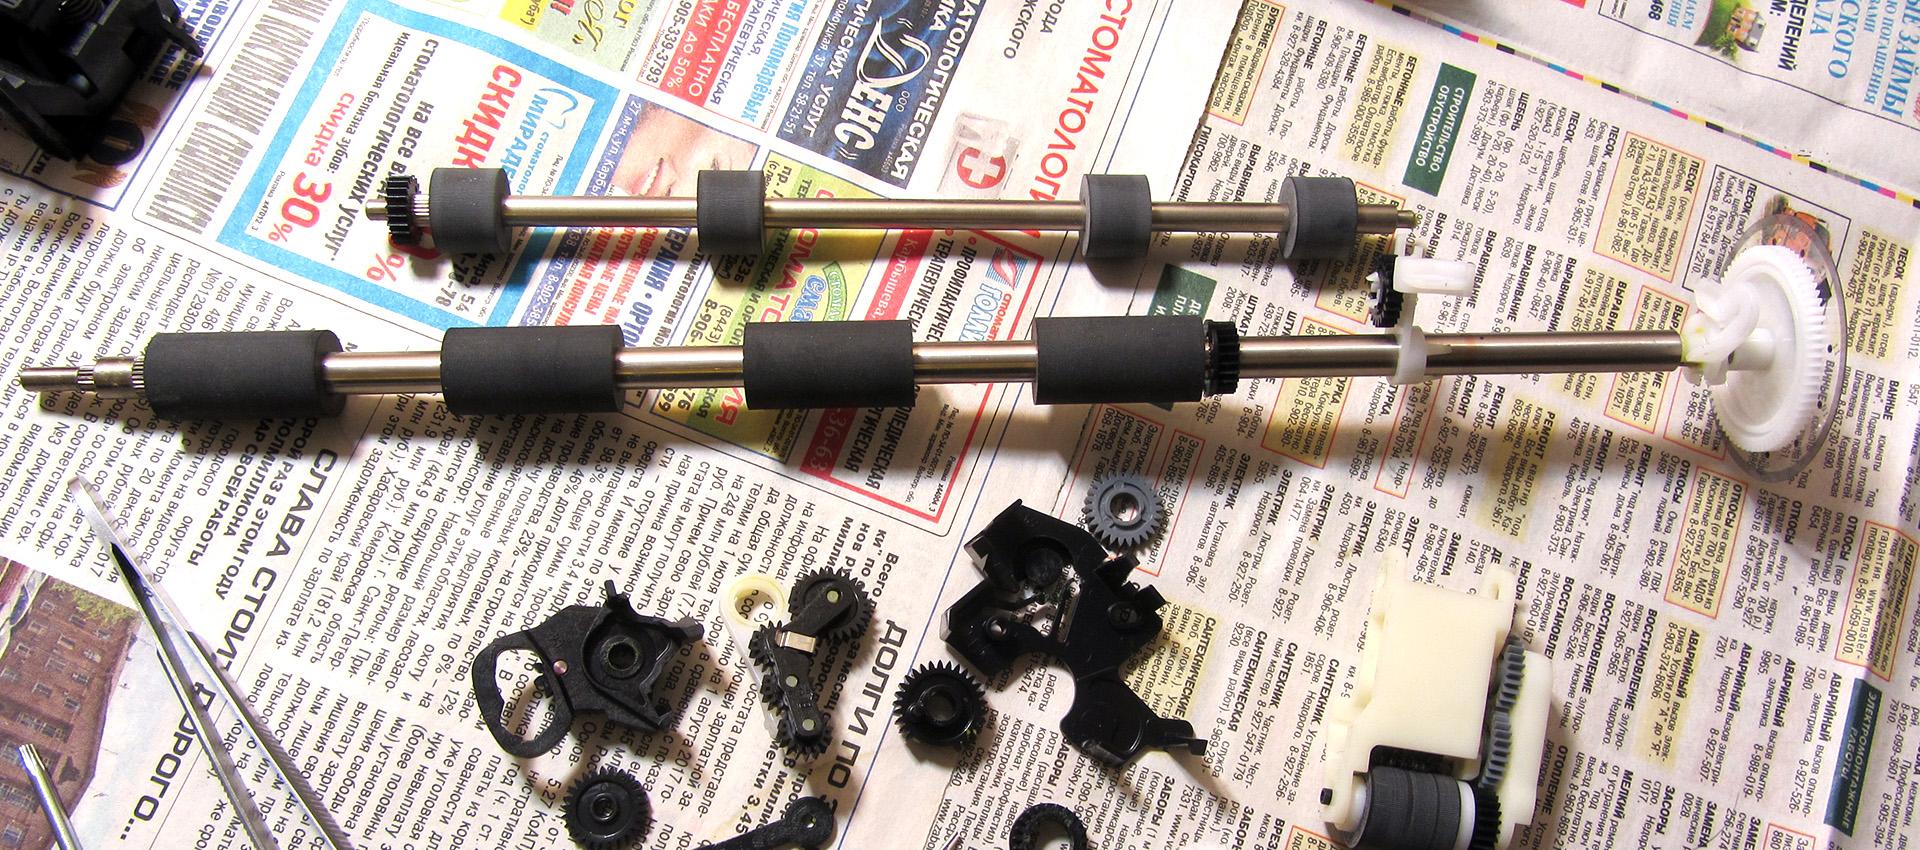 Валы от принтера для самодельной шаровой мельницы